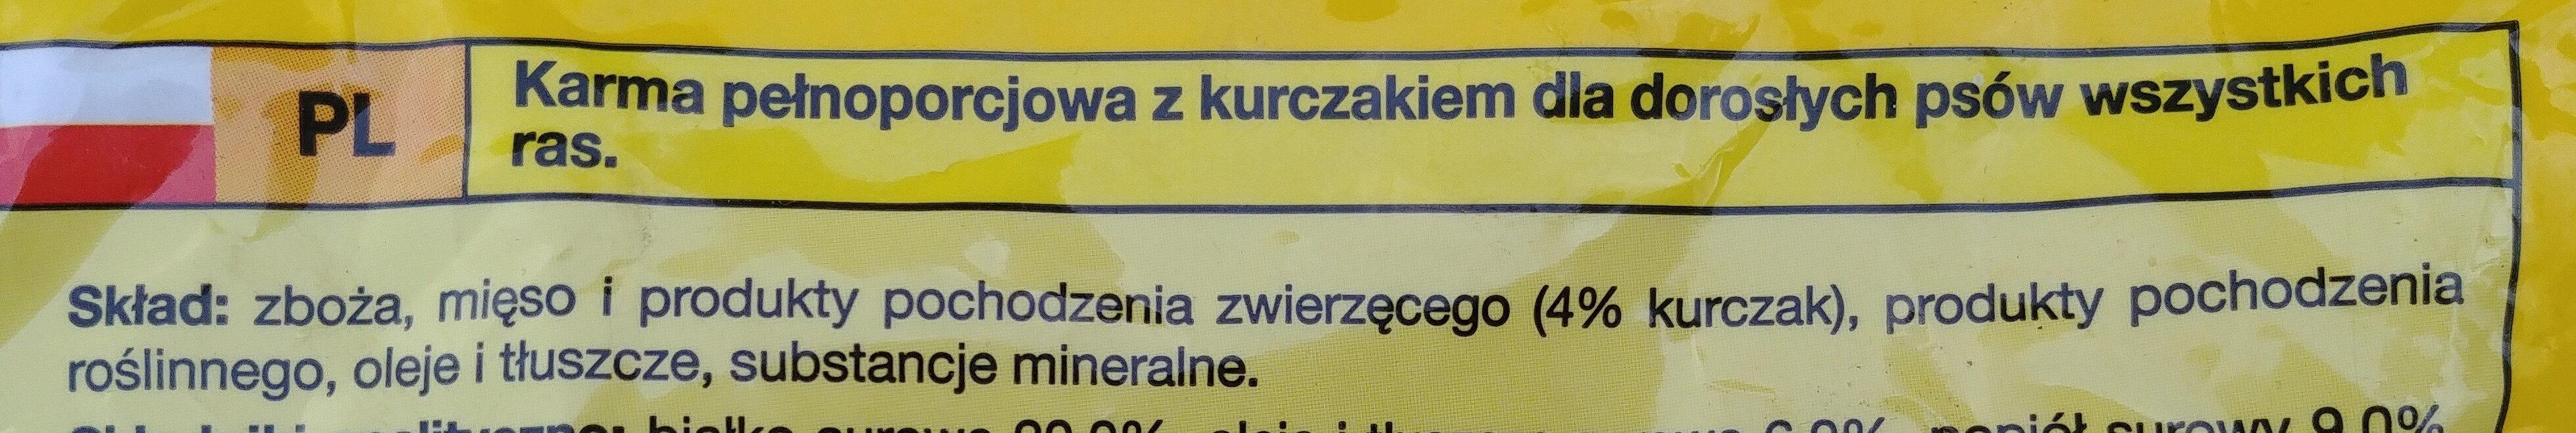 Karma pełnoporcjowa z kurczakiem dla dorosłych psów wszystkich ras - Ingredients - pl